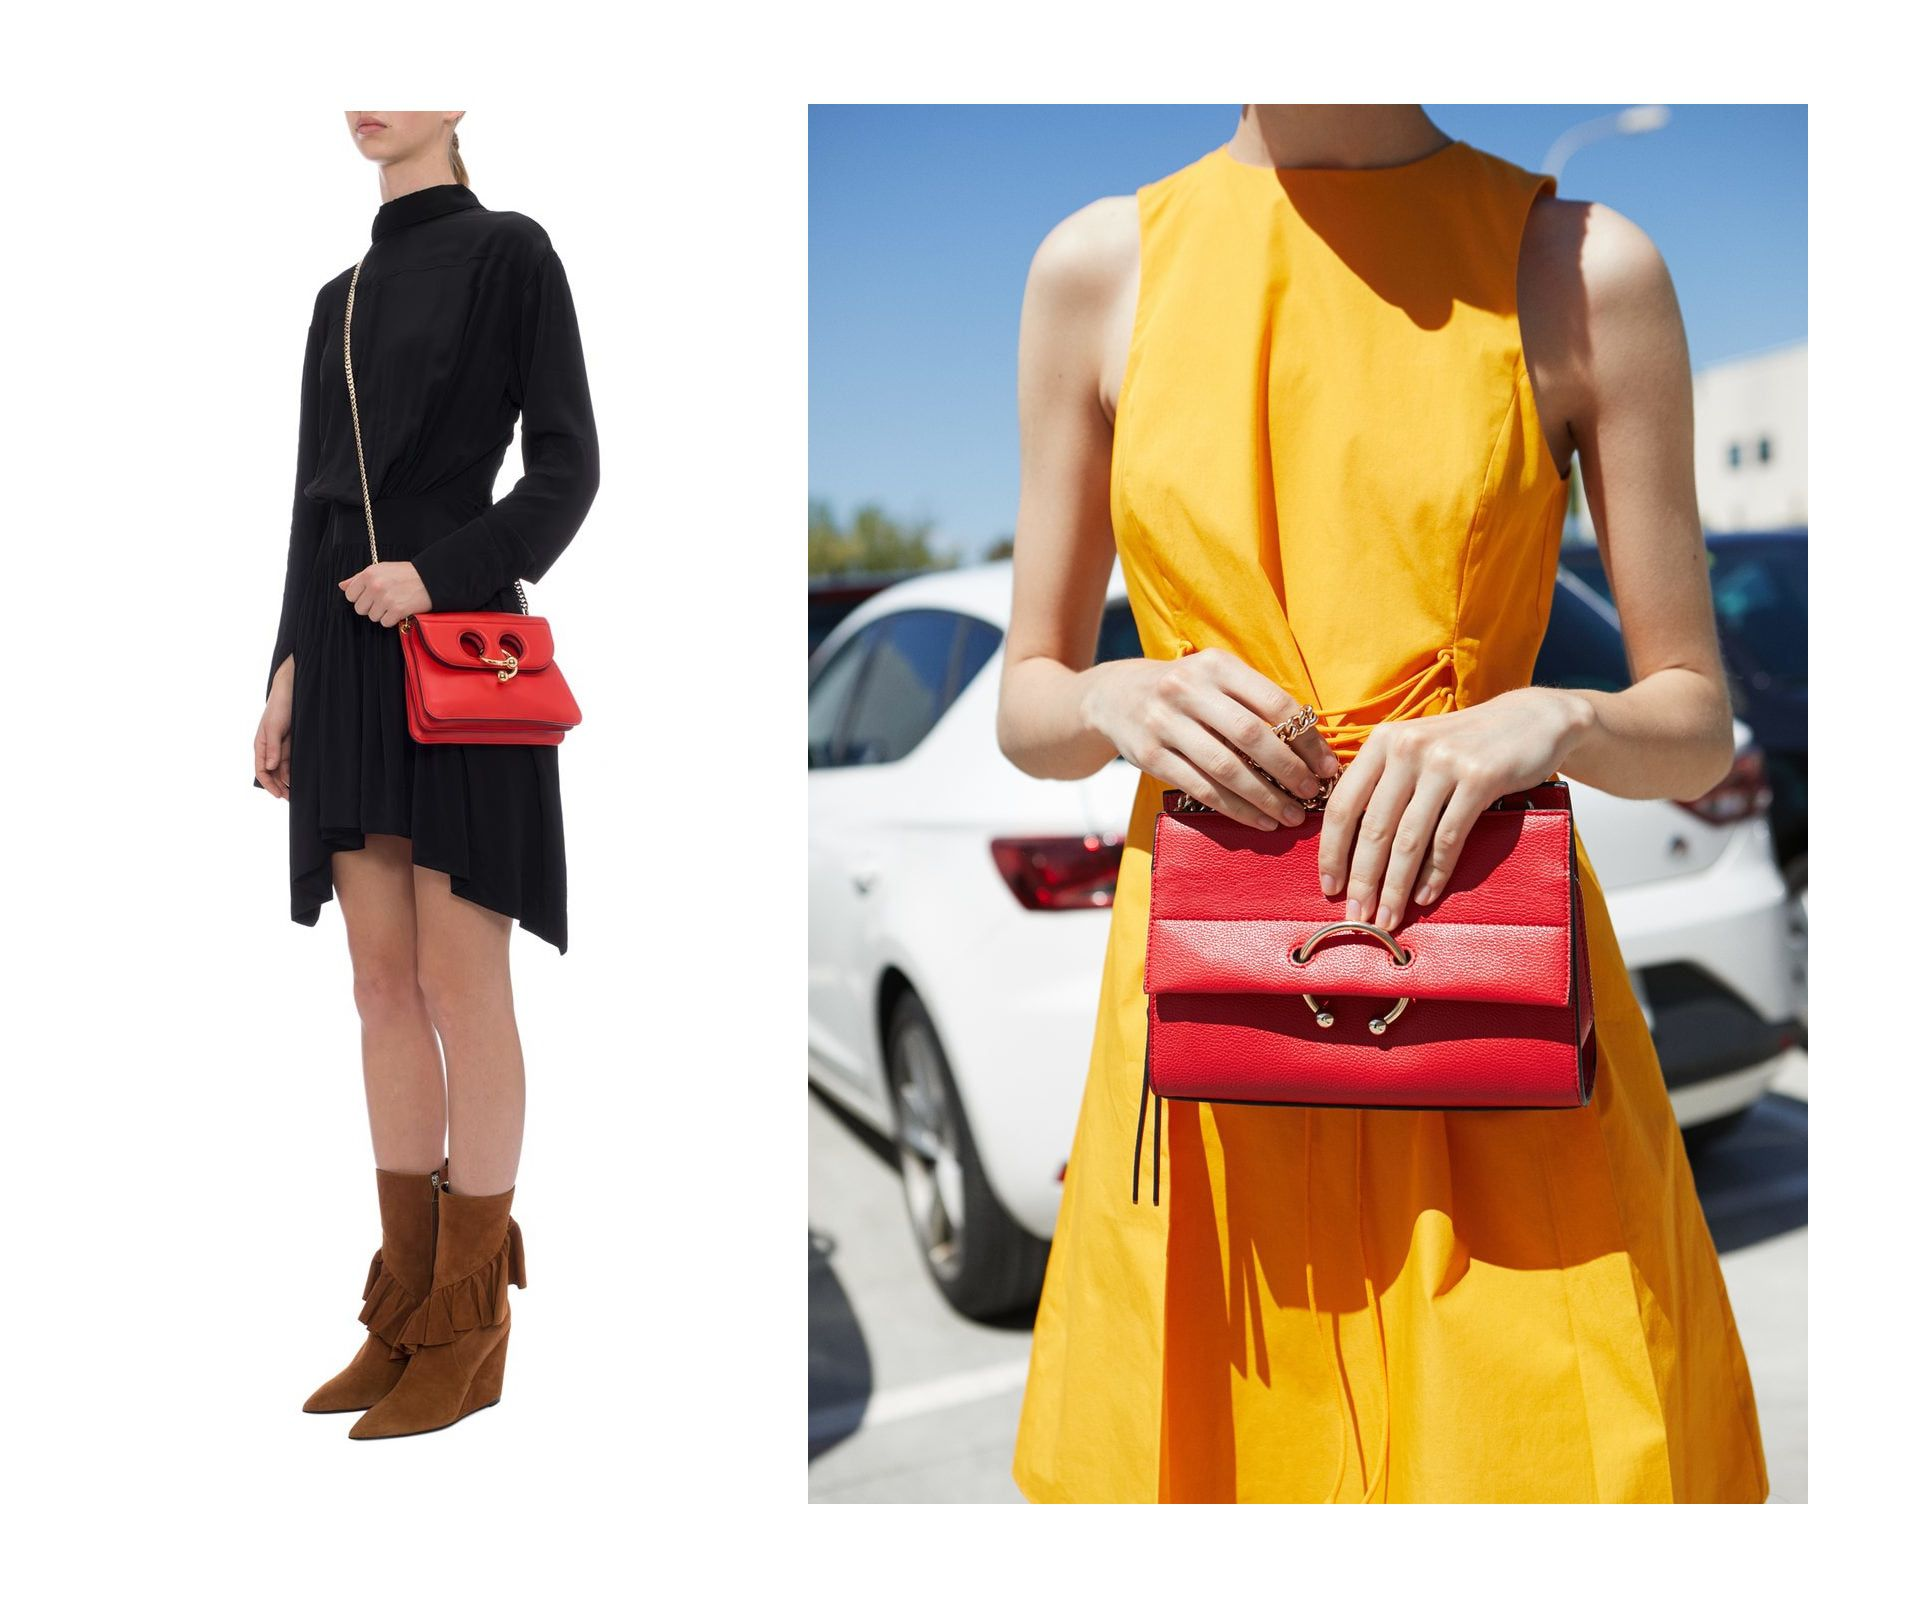 Koja je dizajnerska, a koja je kopija? Pronašli smo torbicu koja neodoljivo sliči na popularan model!